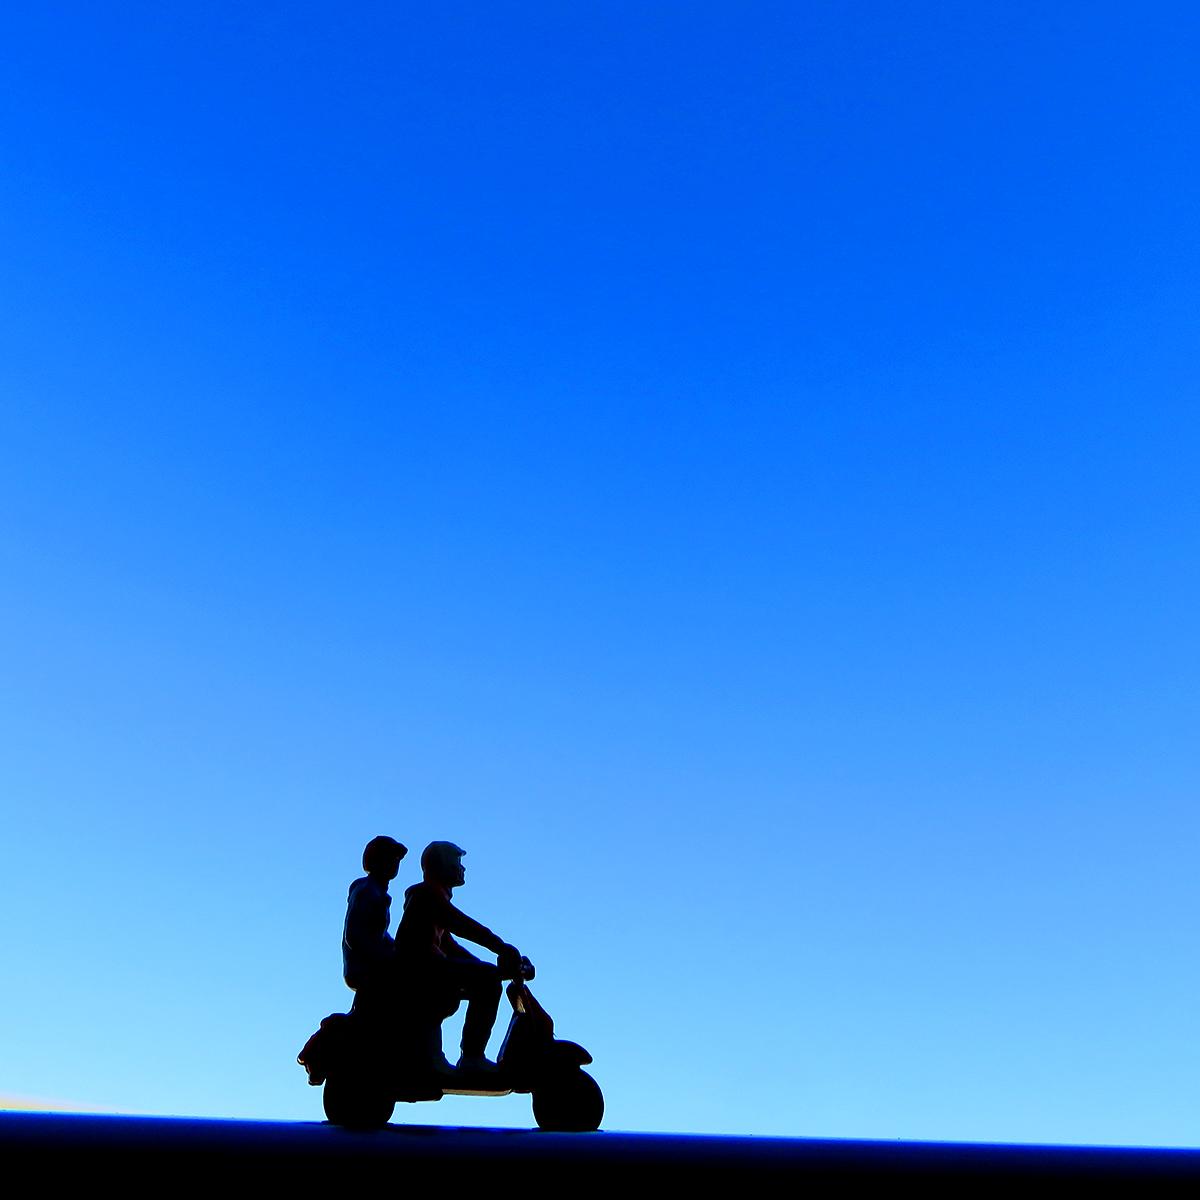 雲ひとつない青空の下でバイク2人乗りするカップル